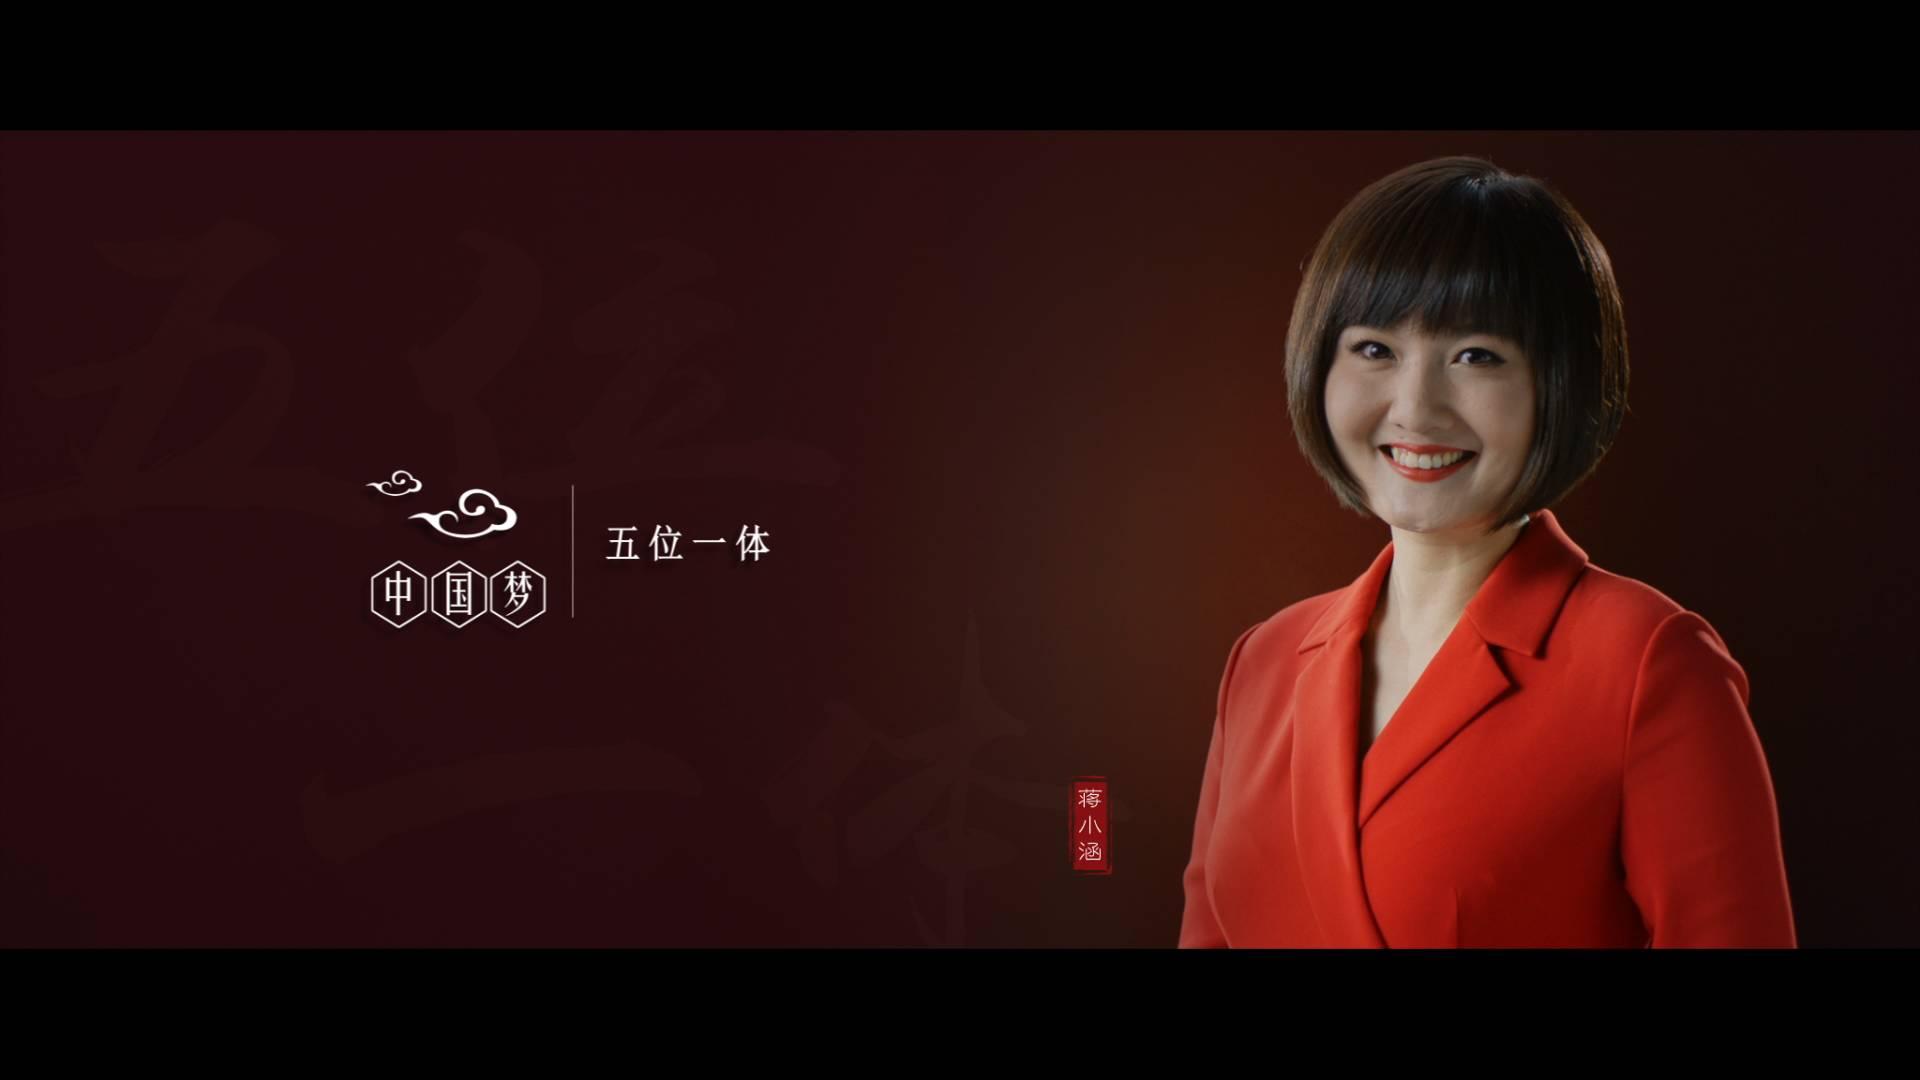 《光荣与梦想——我们的中国梦系列公益片》正式发布